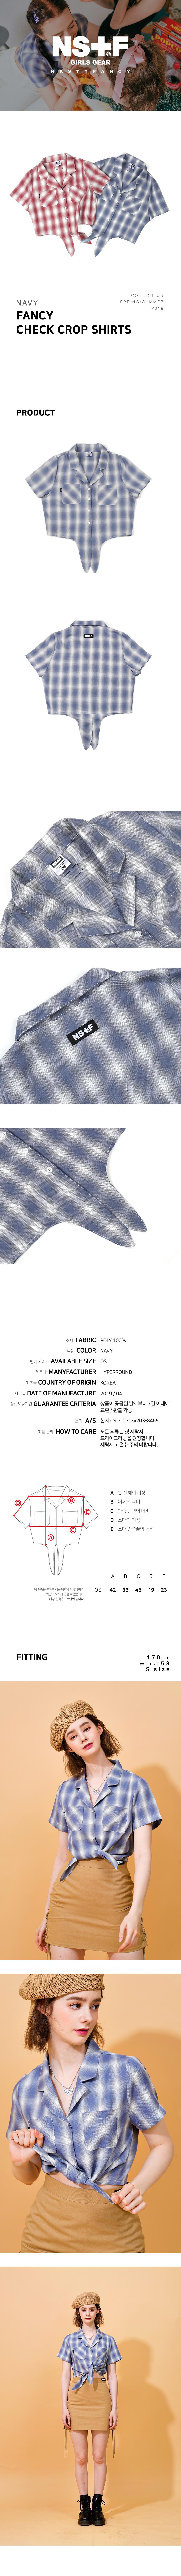 FANCY CHECK CROP SHIRTS (NAVY).jpg